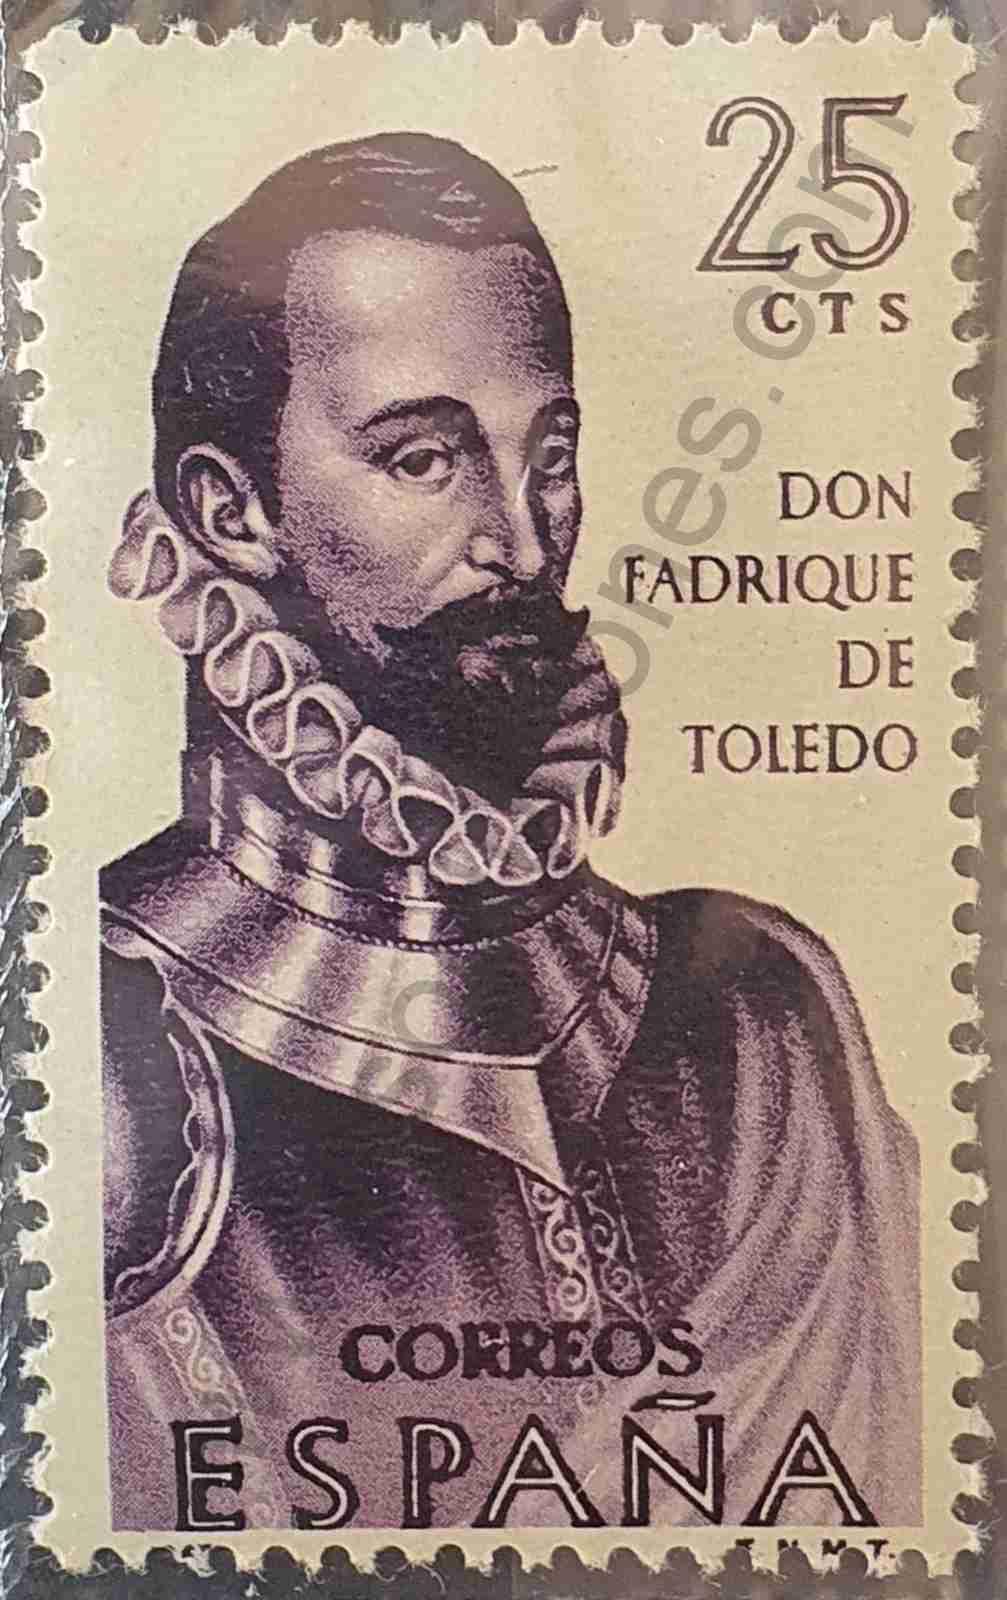 Don Fadrique de Toledo - Sello España 1965